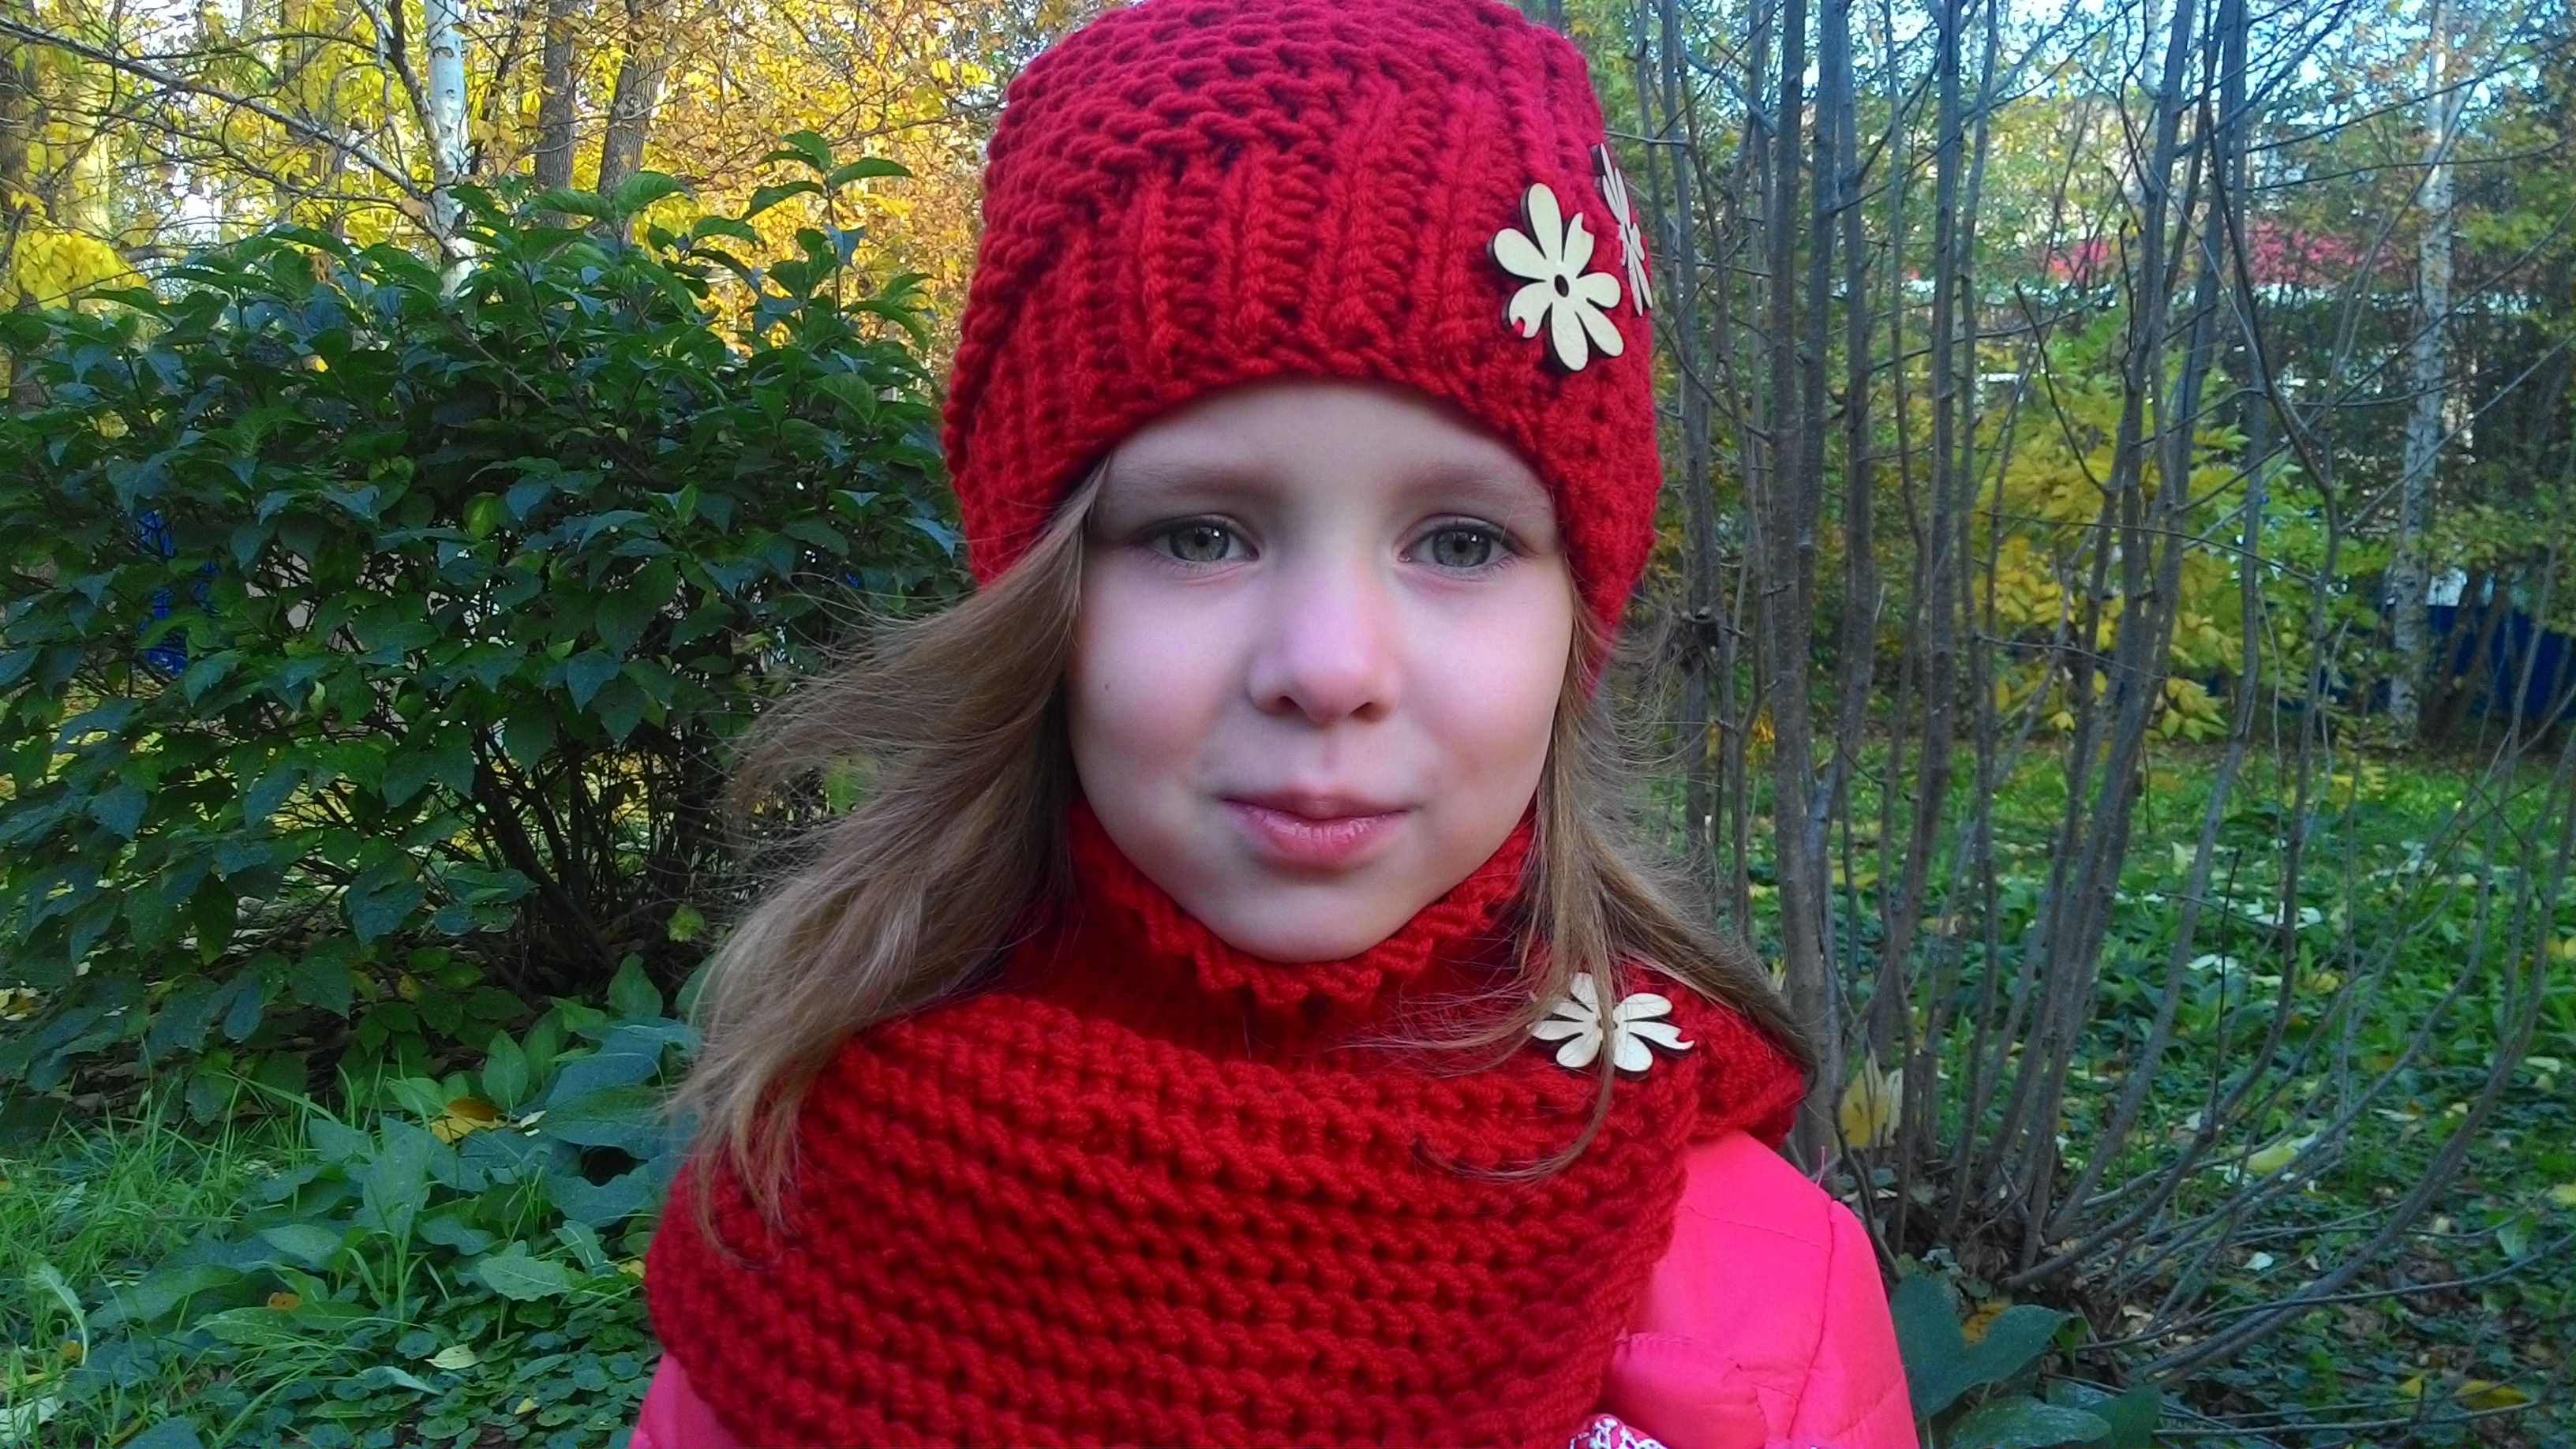 шапки детские со вязание снудом красная с яркая цветком для шапка осенние одежда девочек детская спицами